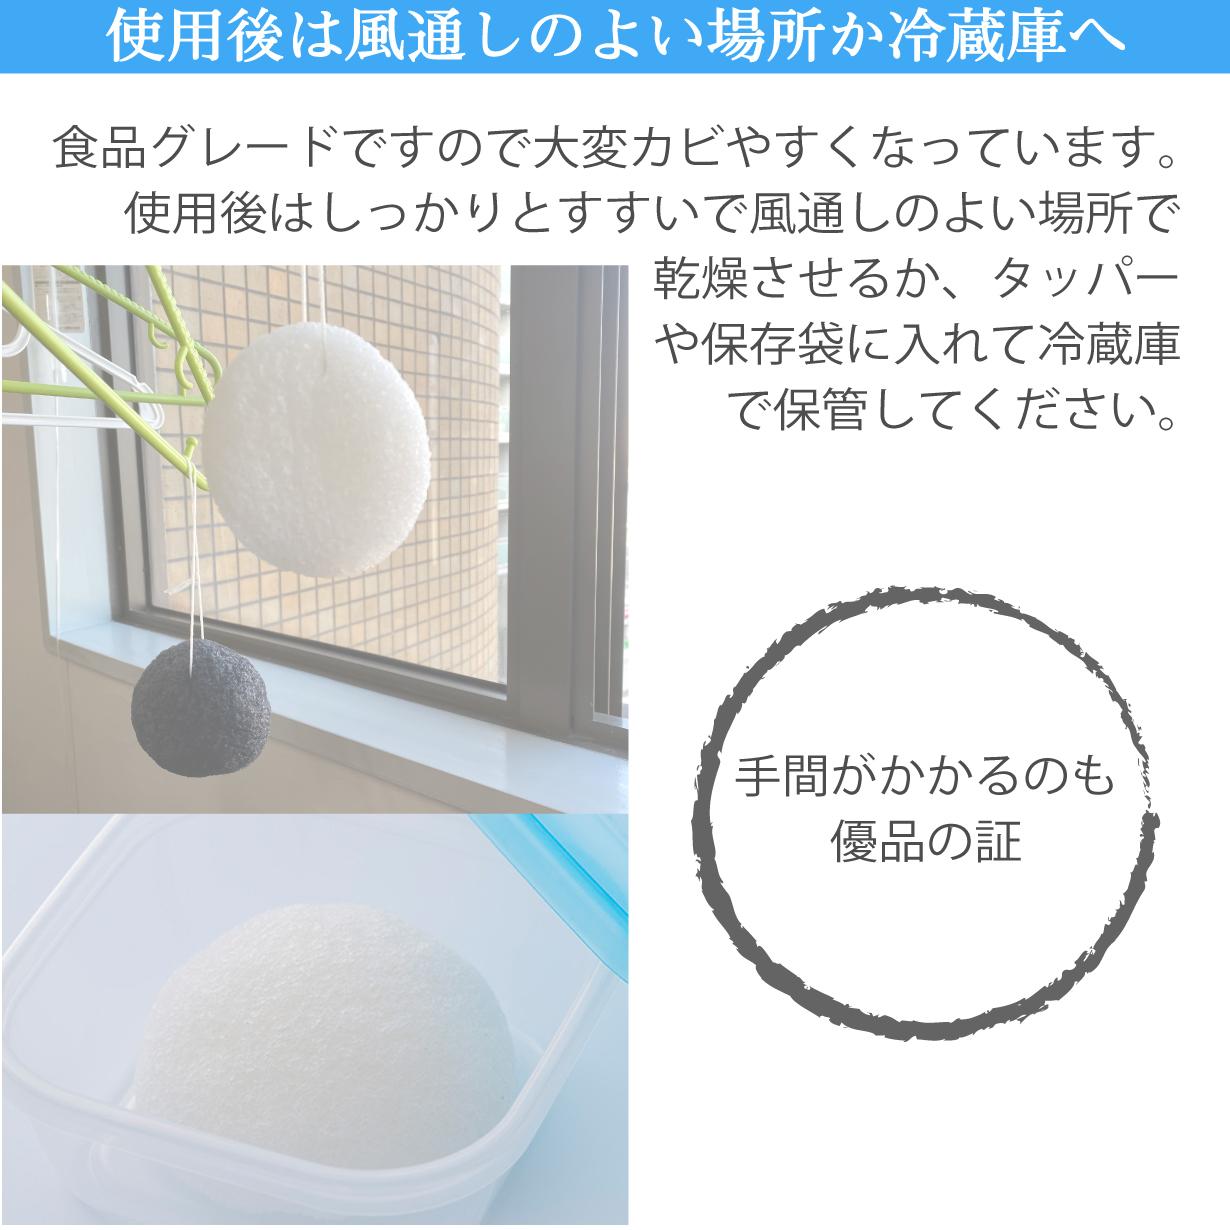 【ラクトドロップ】日本製 蒟蒻物語 ねこ型